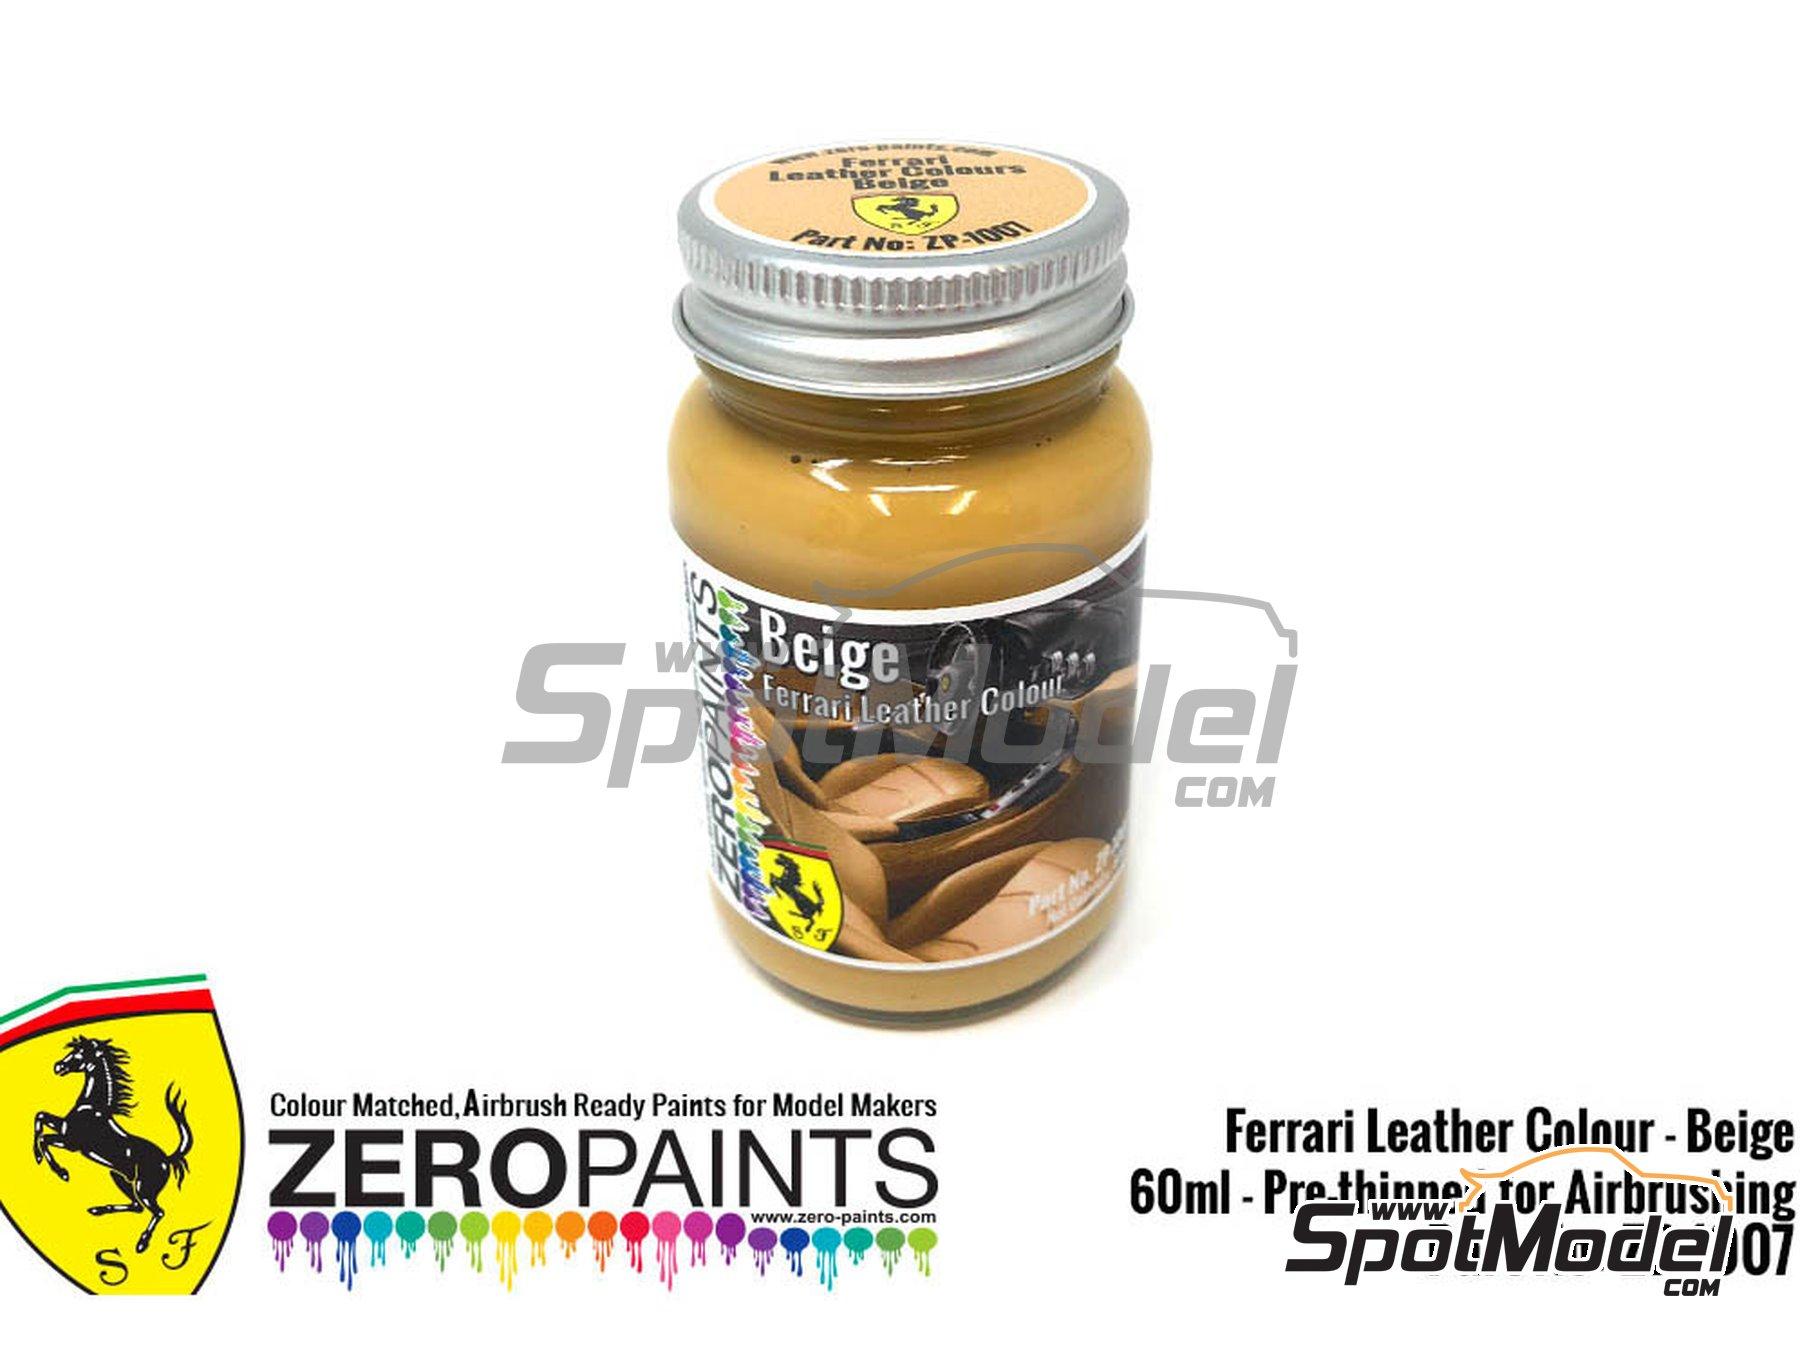 Image 1: Ferrari leather colour beige - 1 x 60ml | Paint manufactured by Zero Paints (ref.ZP-1007-7754-03)